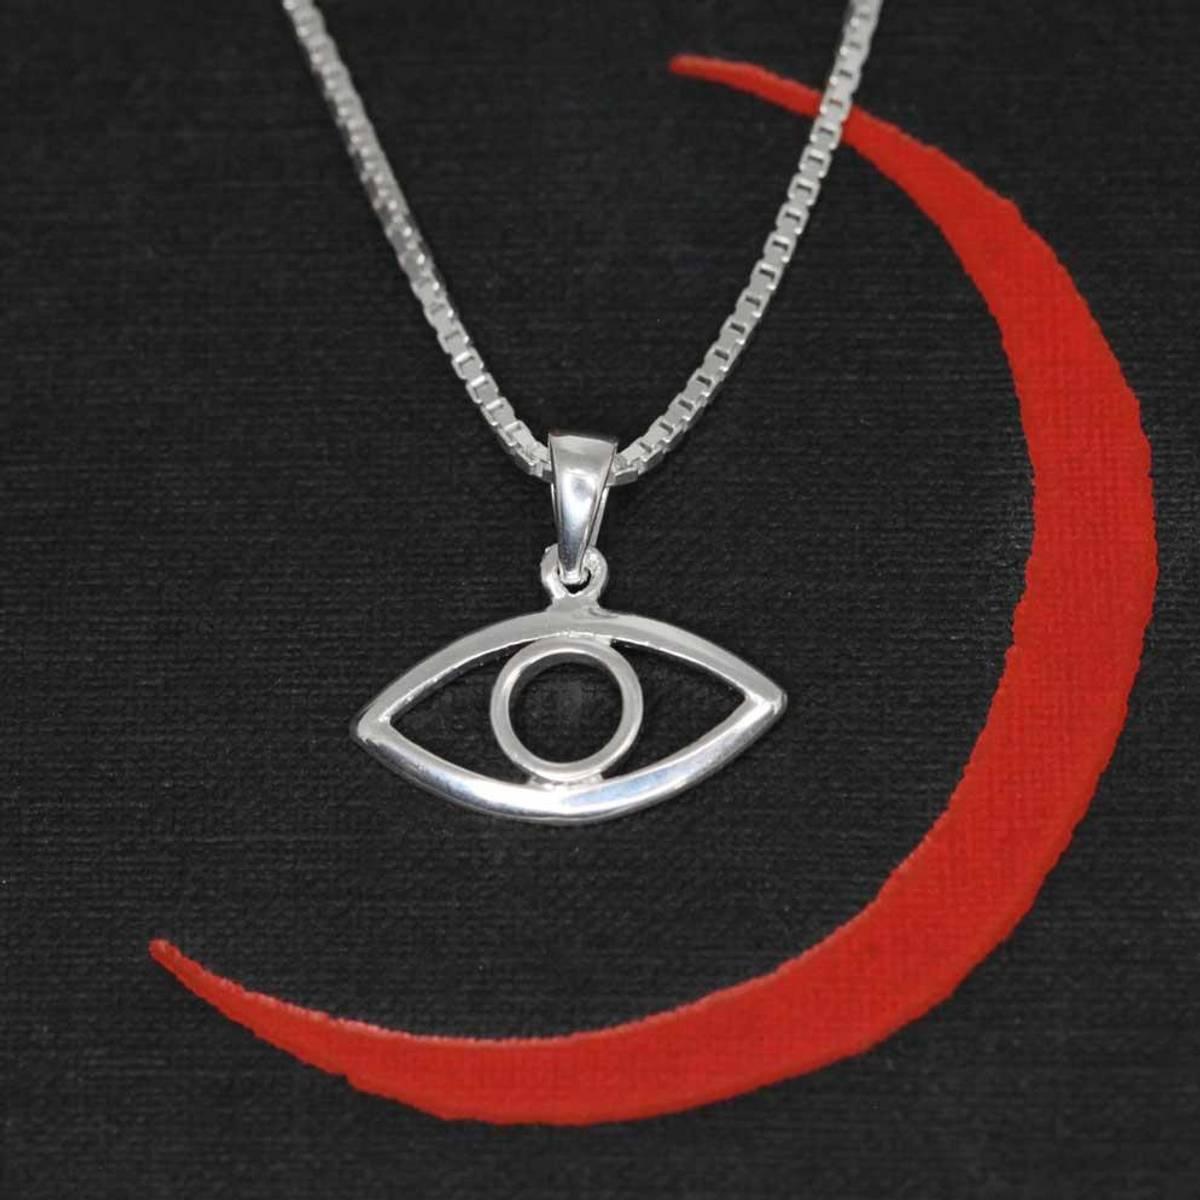 Det altseende øye - Sølvamulett